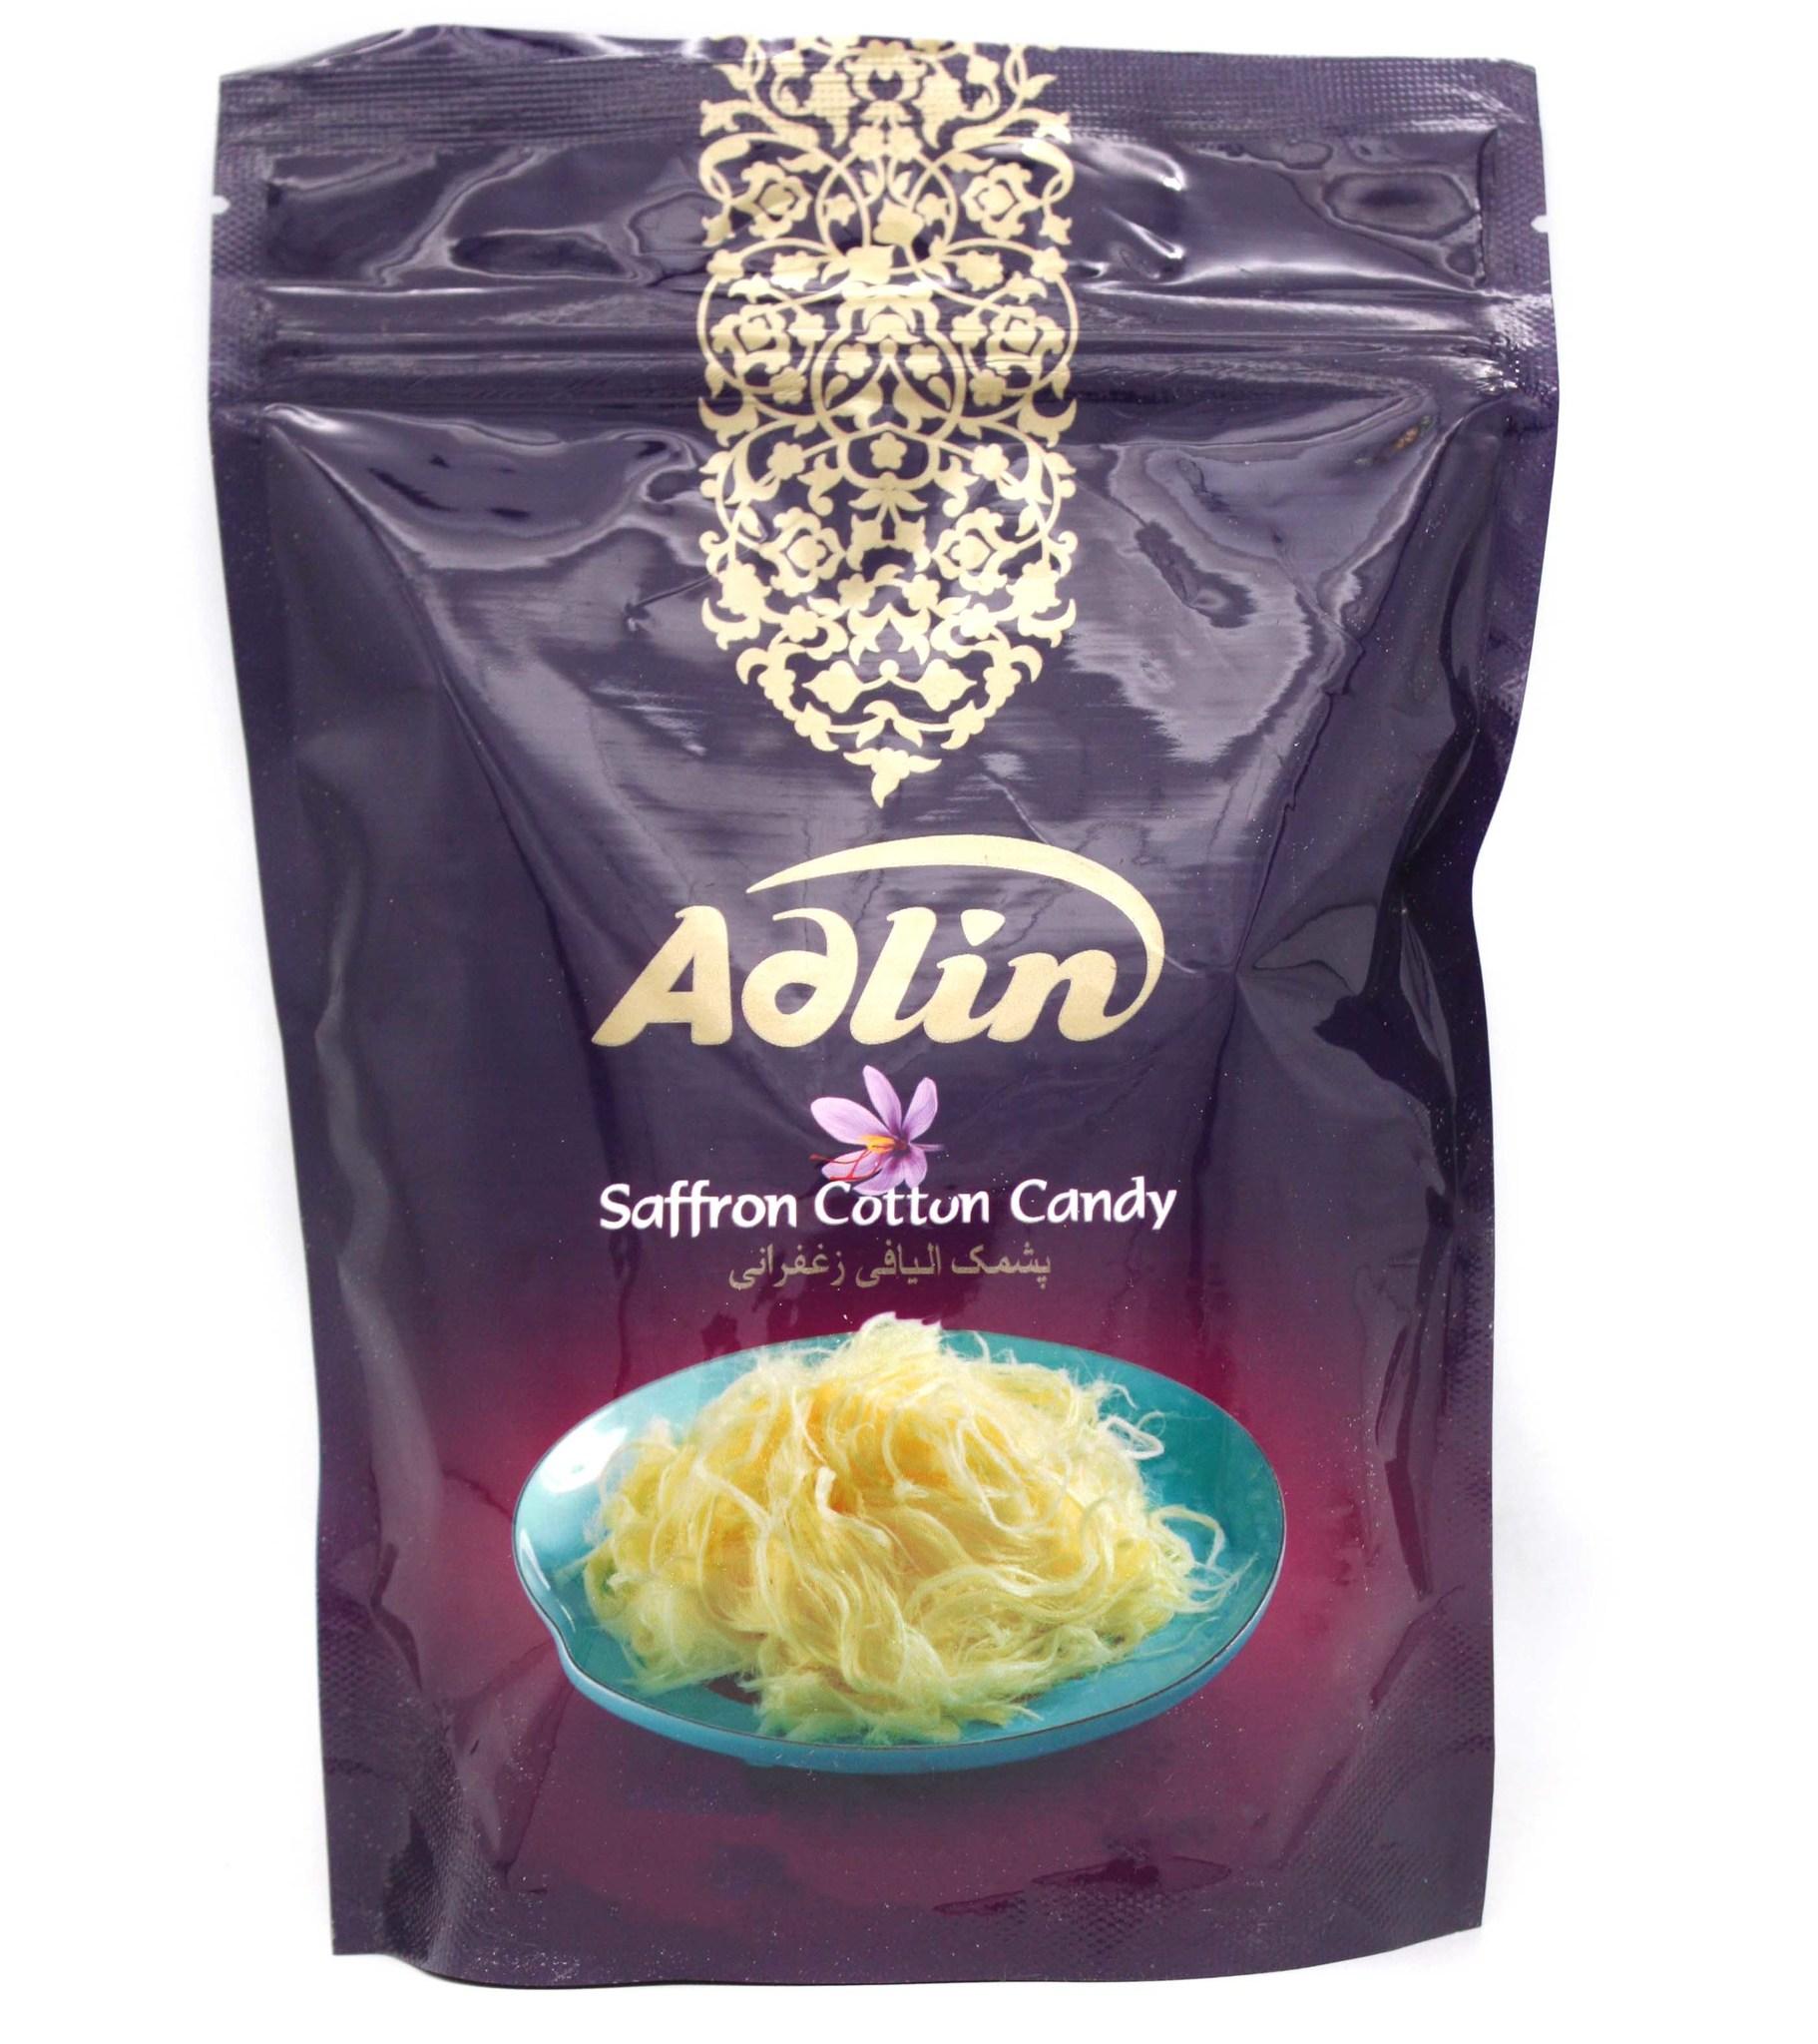 Adlin Пишмание со вкусом шафрана, Adlin, 150 г import_files_7a_7a7d6a0ec3f111e9a9b3484d7ecee297_6b6365d7226211eaa9c6484d7ecee297.jpg